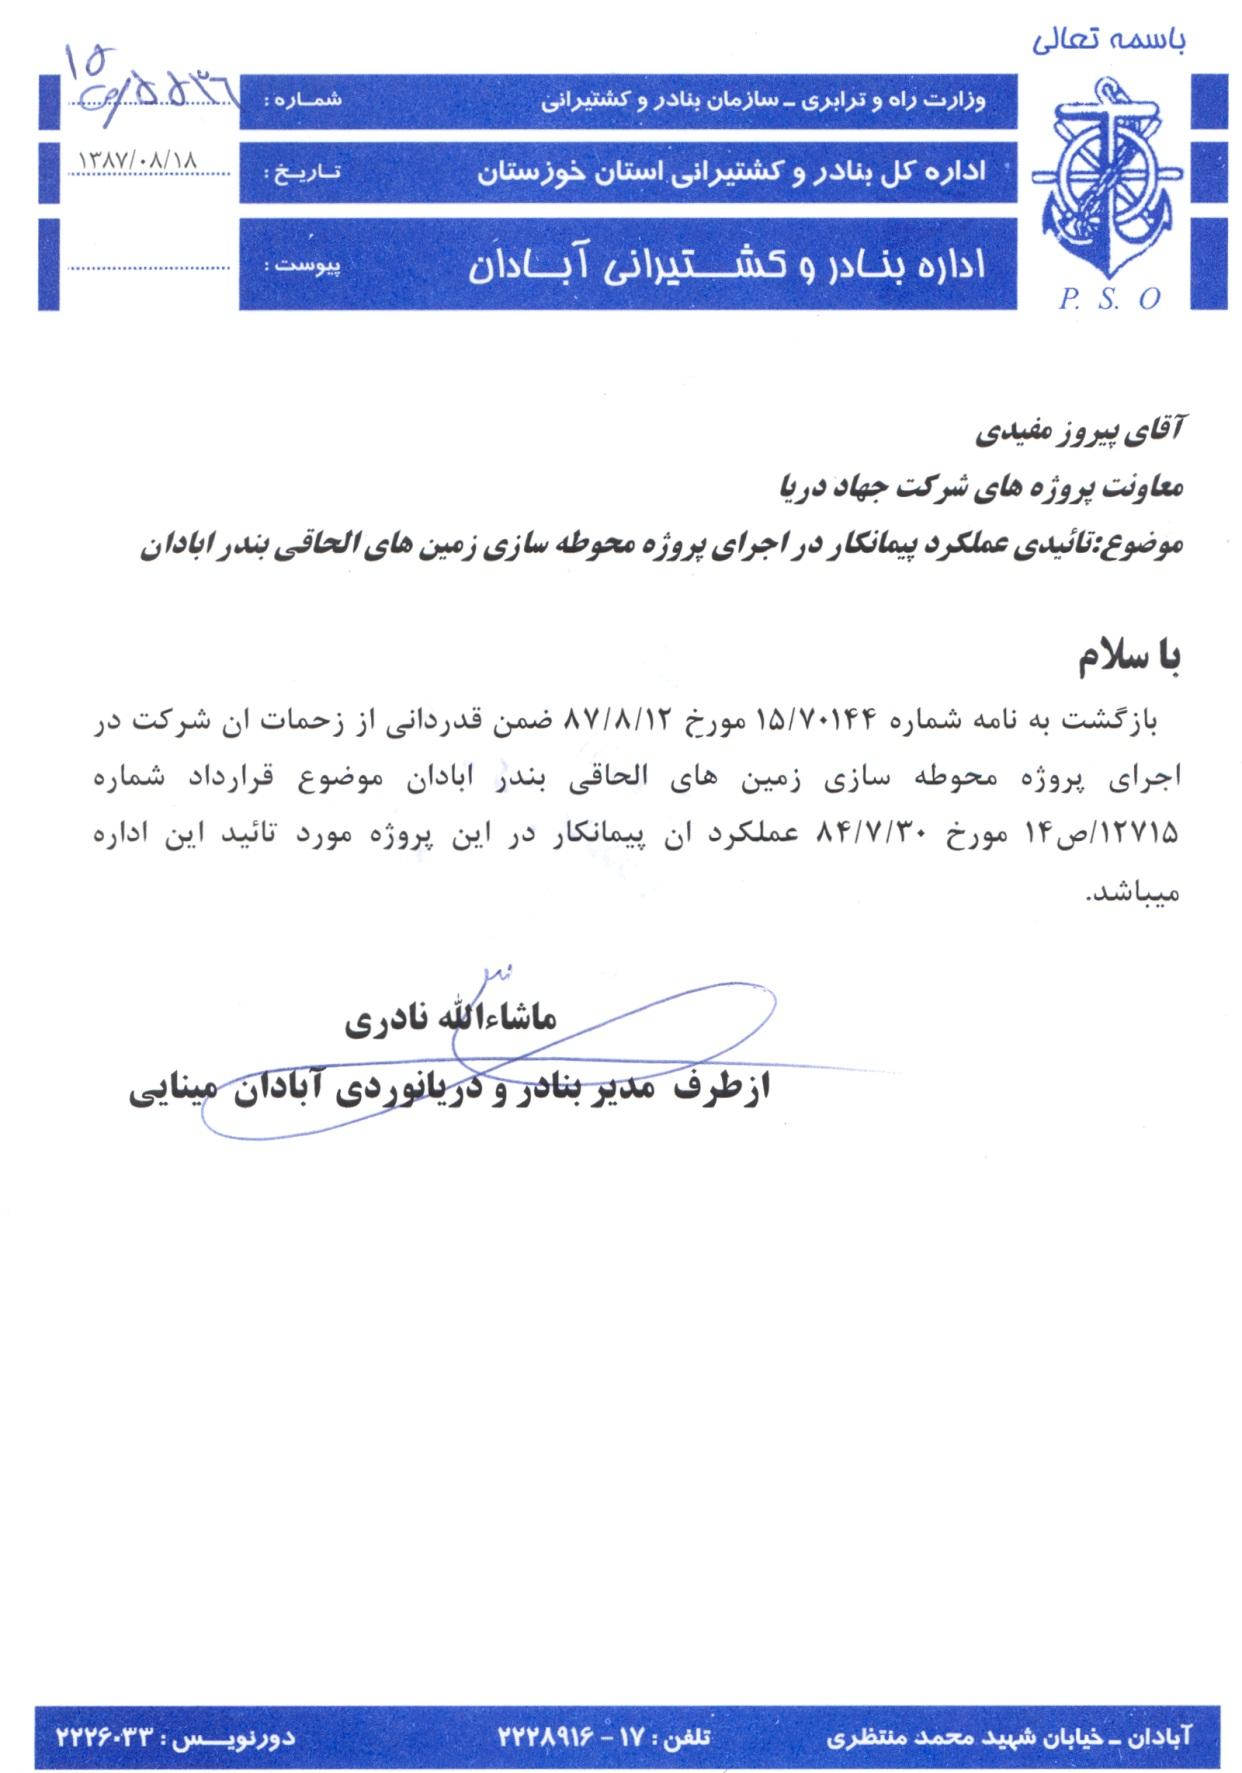 تاییدیه کارفرما برای انجام پروژه محوطه سازی زمین های الحاقی بندر آبادان